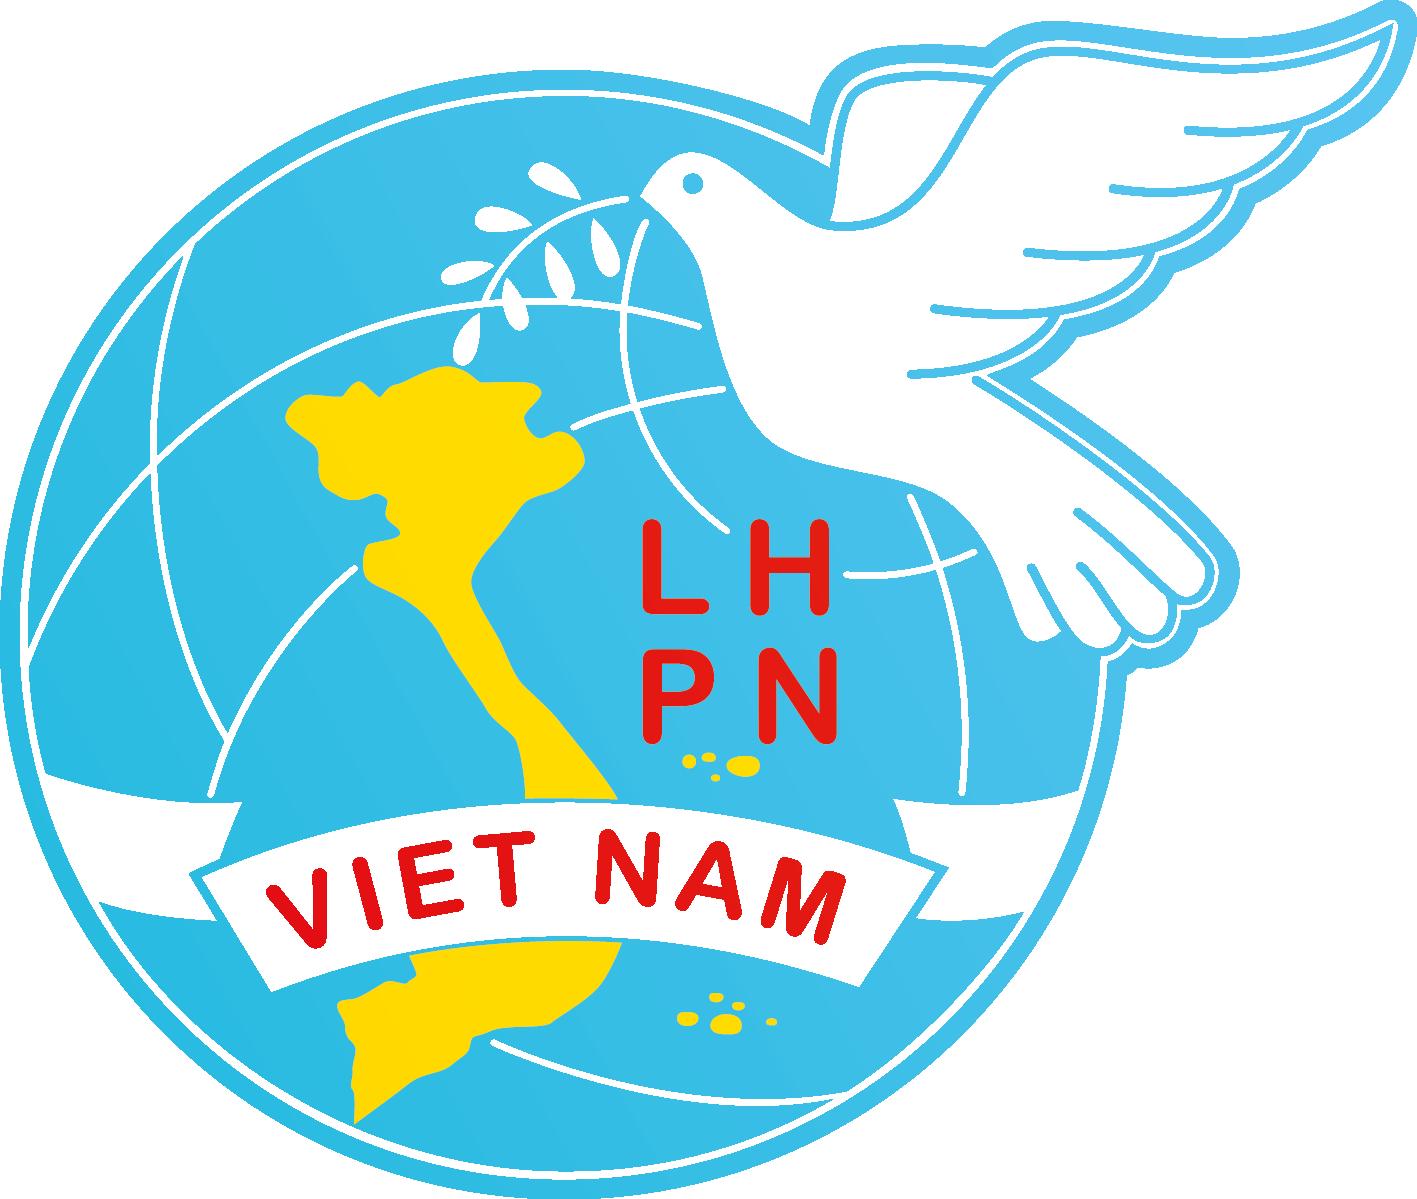 Đề cương tuyên truyền kỷ niệm 110 năm Ngày sinh đồng chí Nguyễn Hữu Thọ (10/7/1910 - 10/7/2020)